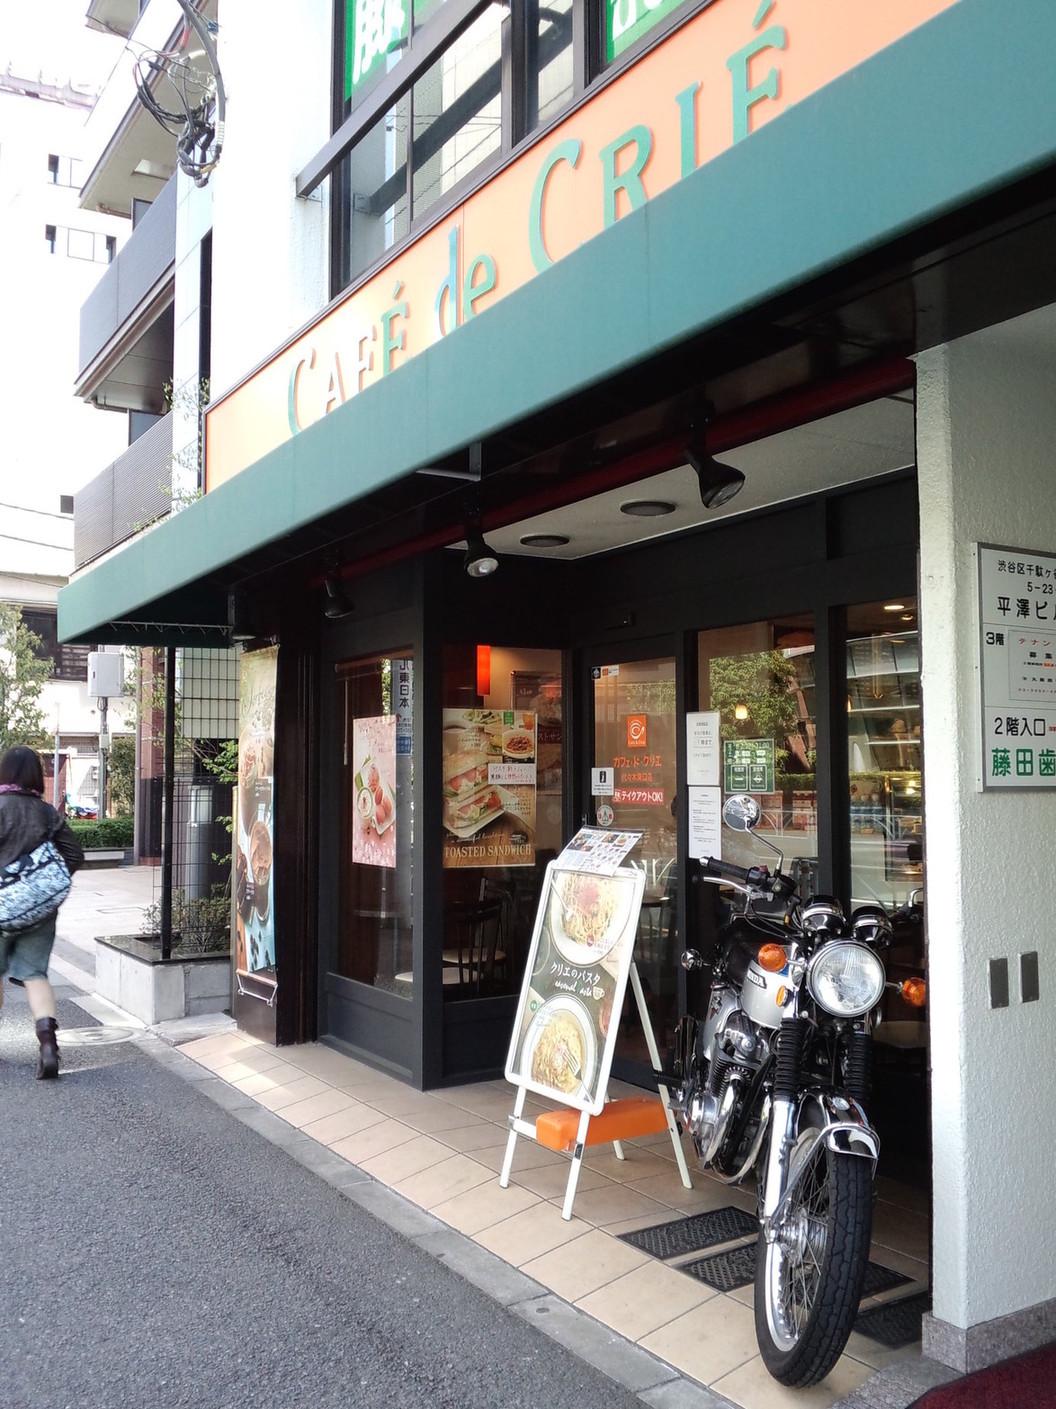 カフェ・ド・クリエ 代々木東口店